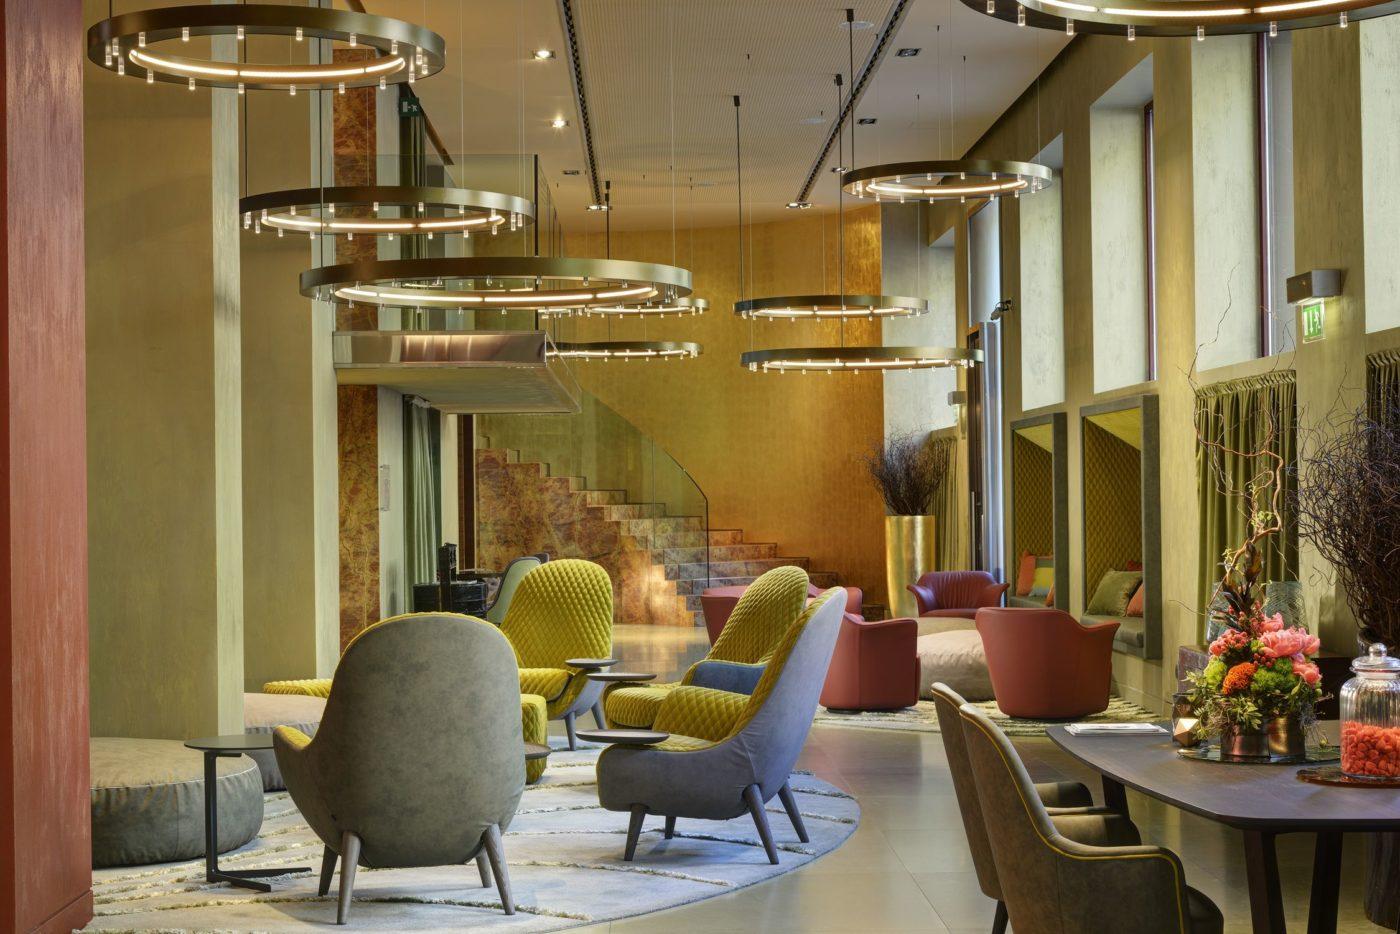 La hall dell'Enterprise Hotel di Milano che fa capo a Planetaria Hotels, una delle catene alberghiere italiane